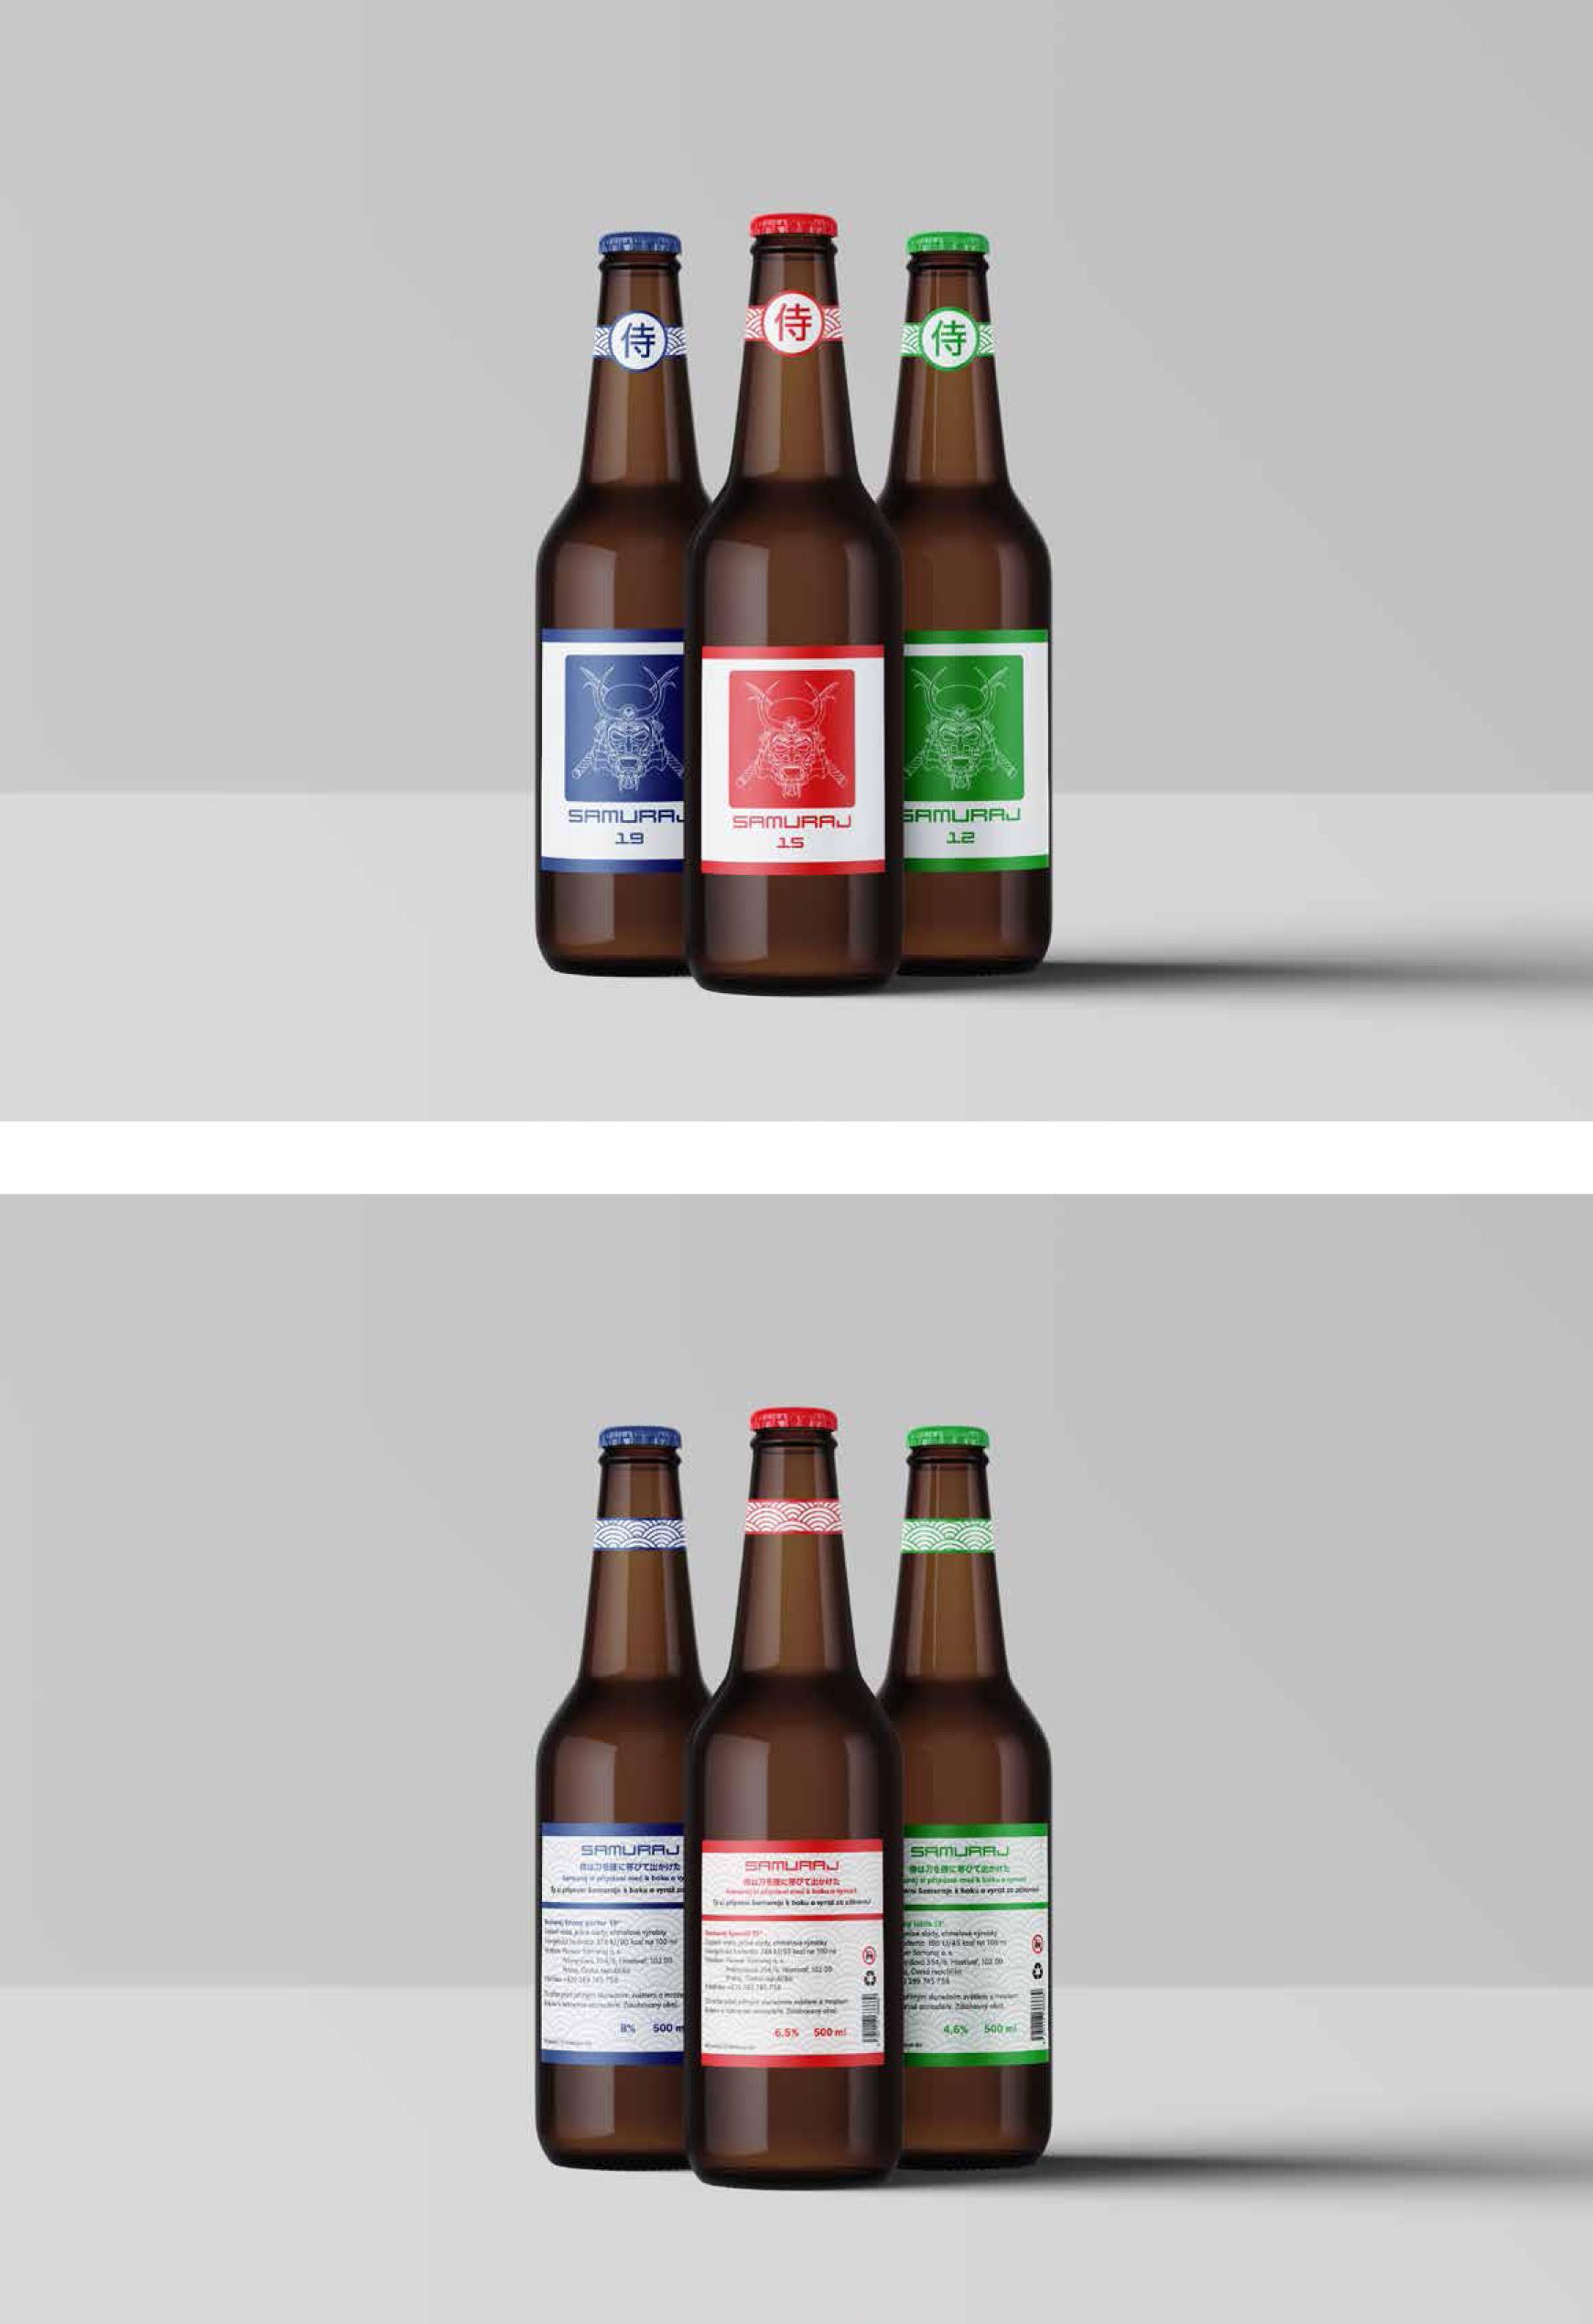 návrh značky, obalu<br> pivovar Samuraj<br> semestrální práce | 1. ročník<br> 2020/2021